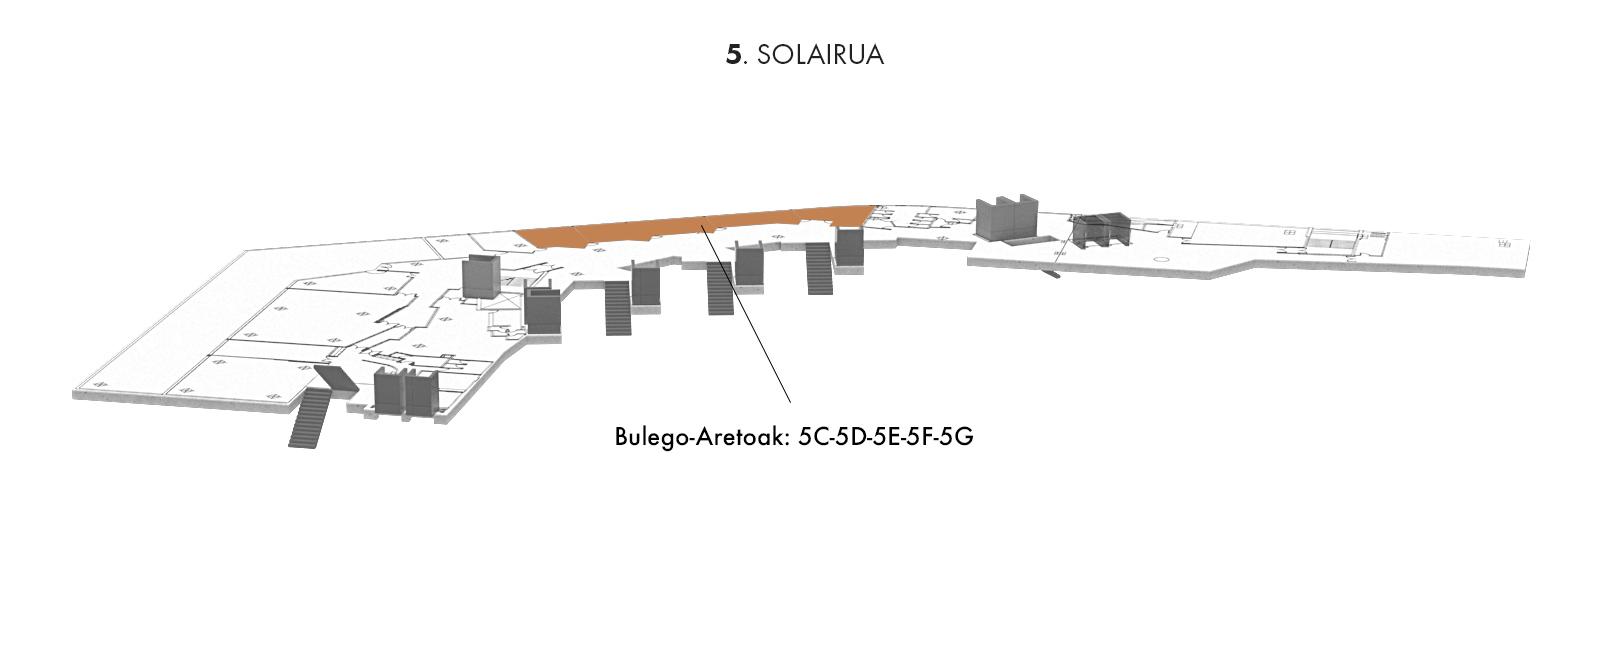 Bulego-Aretoak: 5C-5D-5E-5F-5G, 5. solairua | Palacio Euskalduna Jauregia